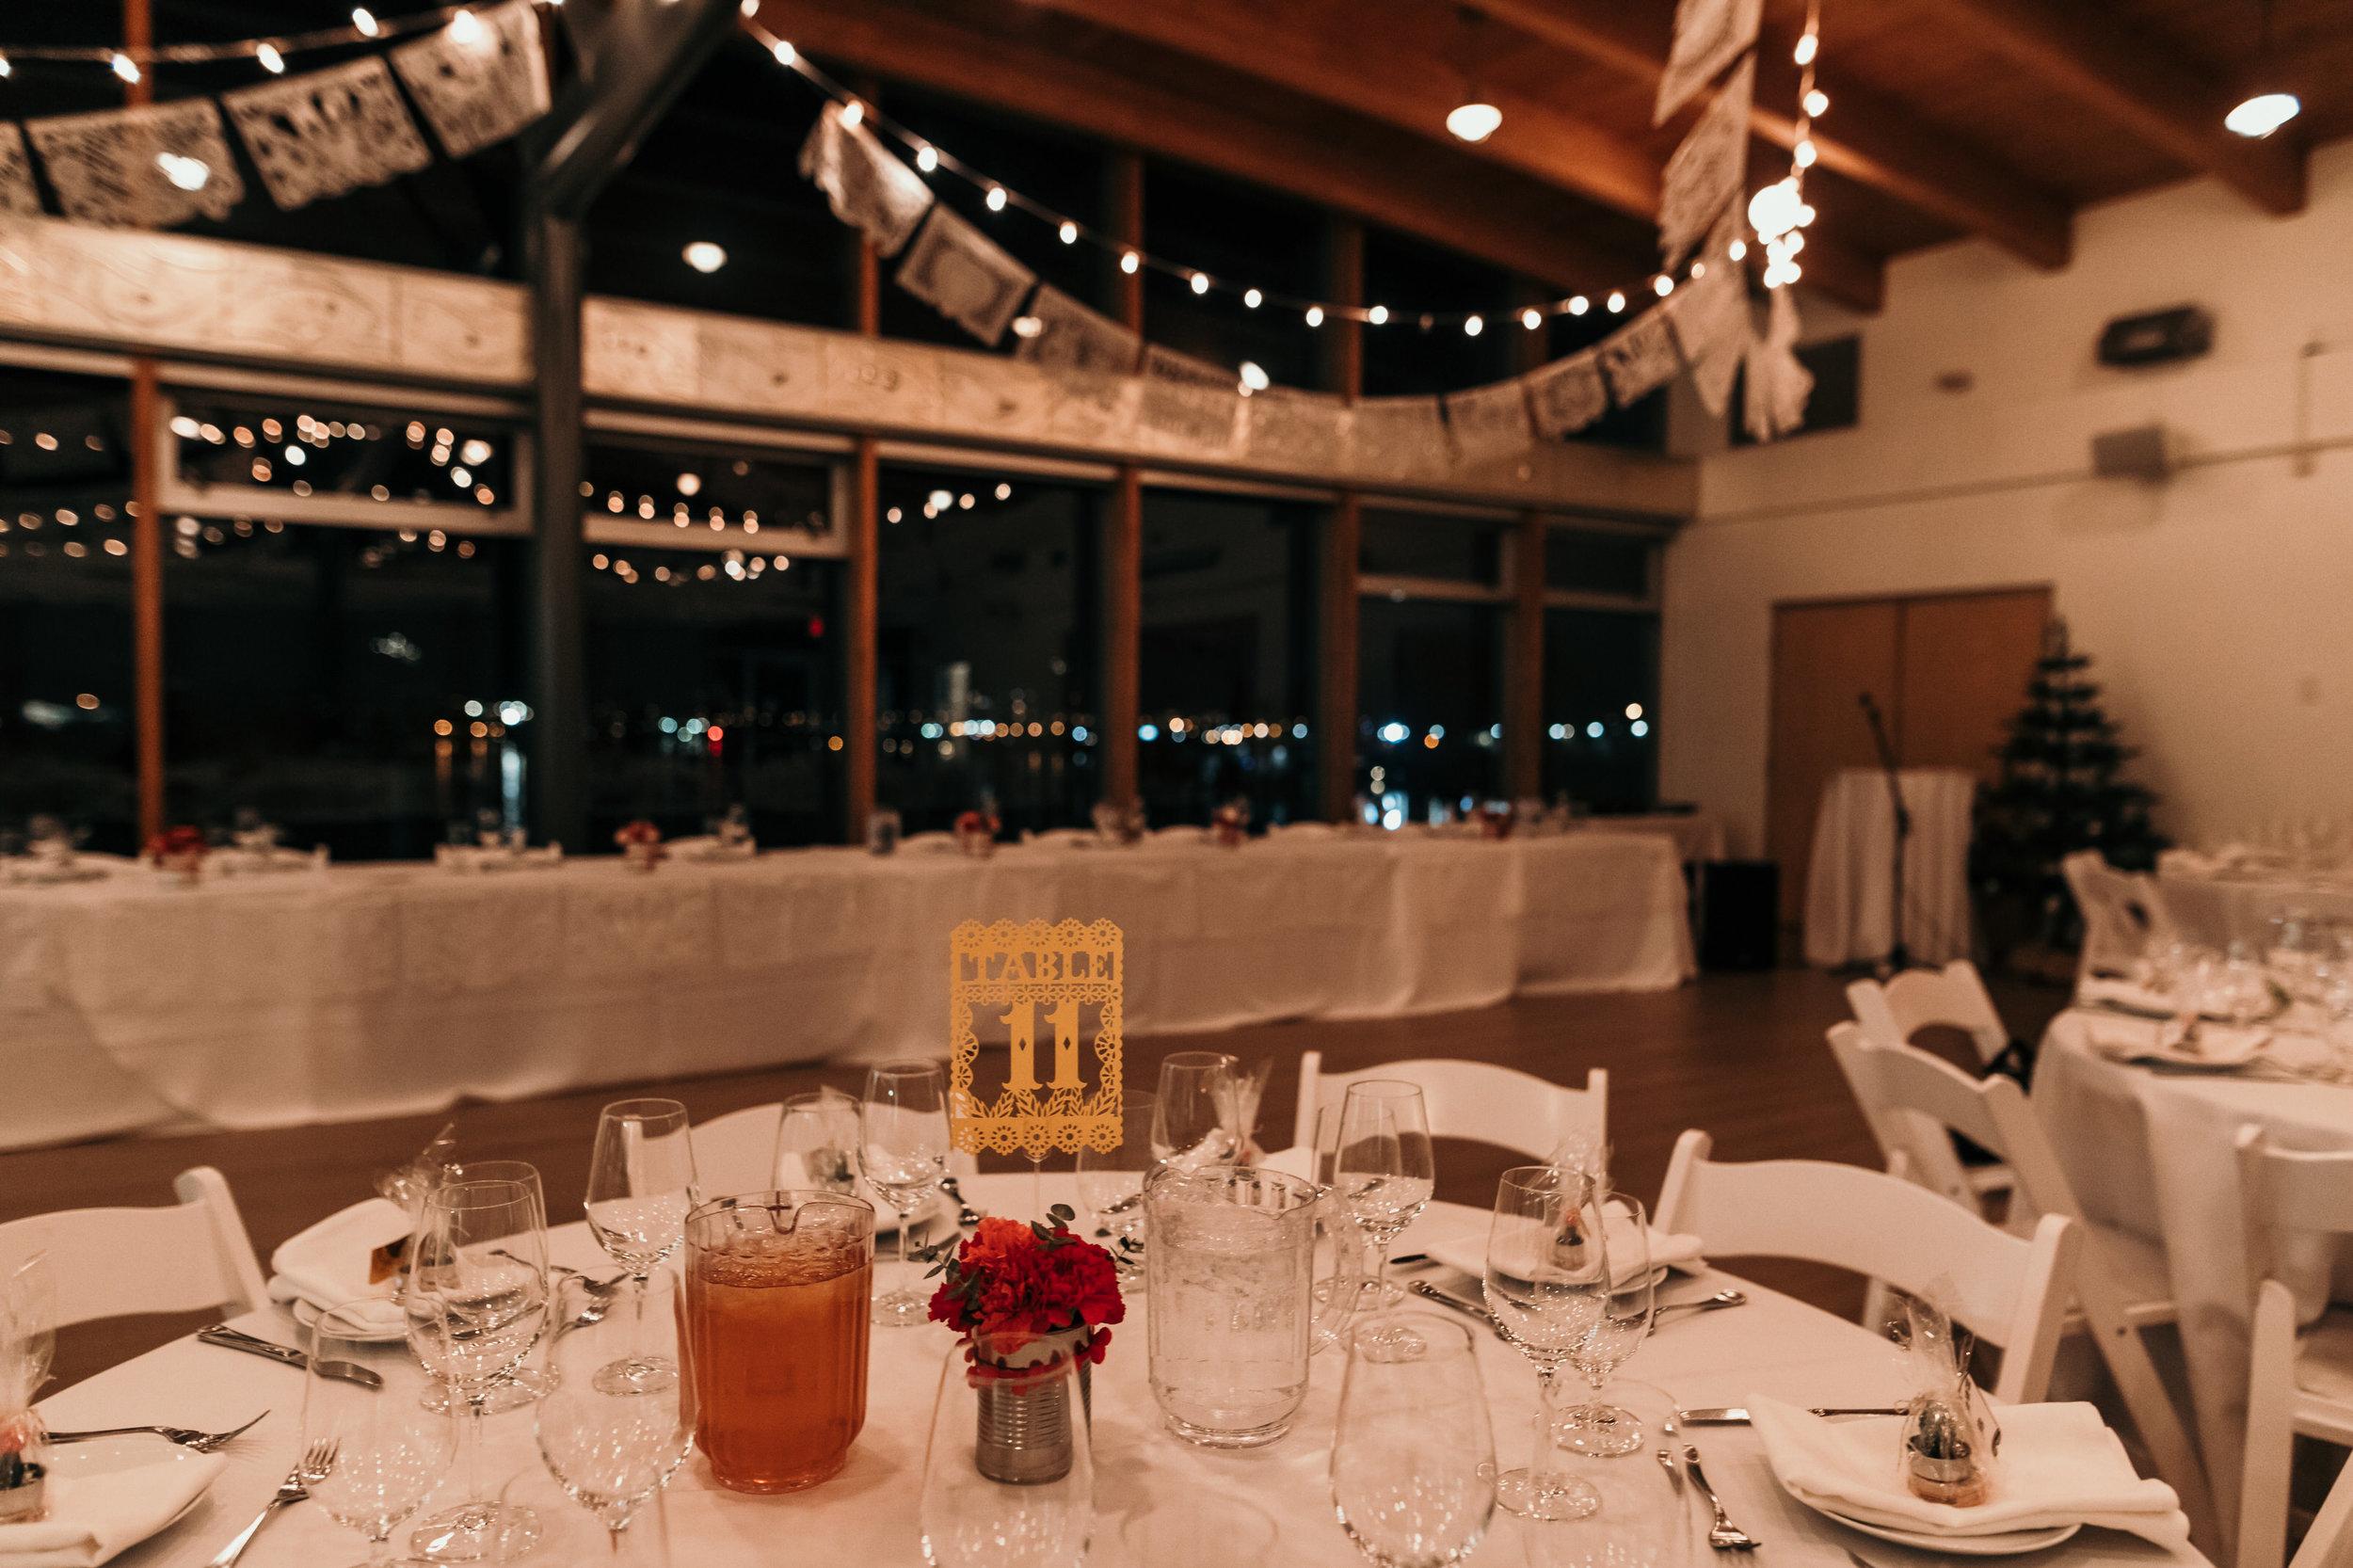 Vancouver New Years Eve Wedding - UBC Boathouse Wedding - Kitsilano Wedding Photos - Vancouver Wedding Photographer - Vancouver Wedding Videographer - 923.JPG